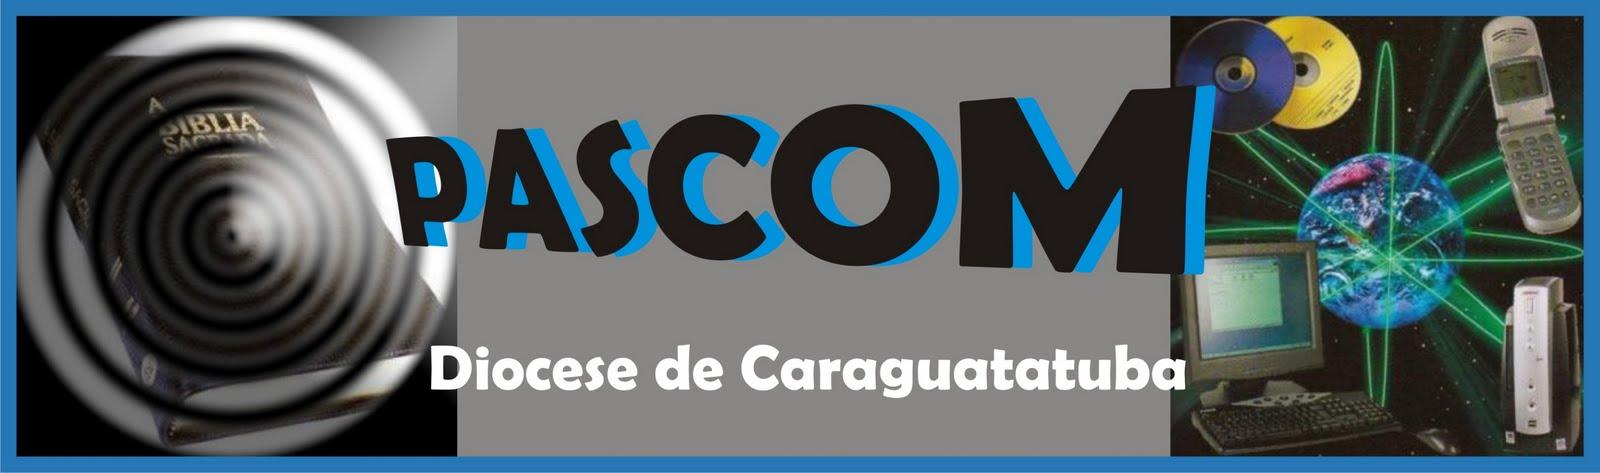 Pascom da Diocese de Caraguatatuba